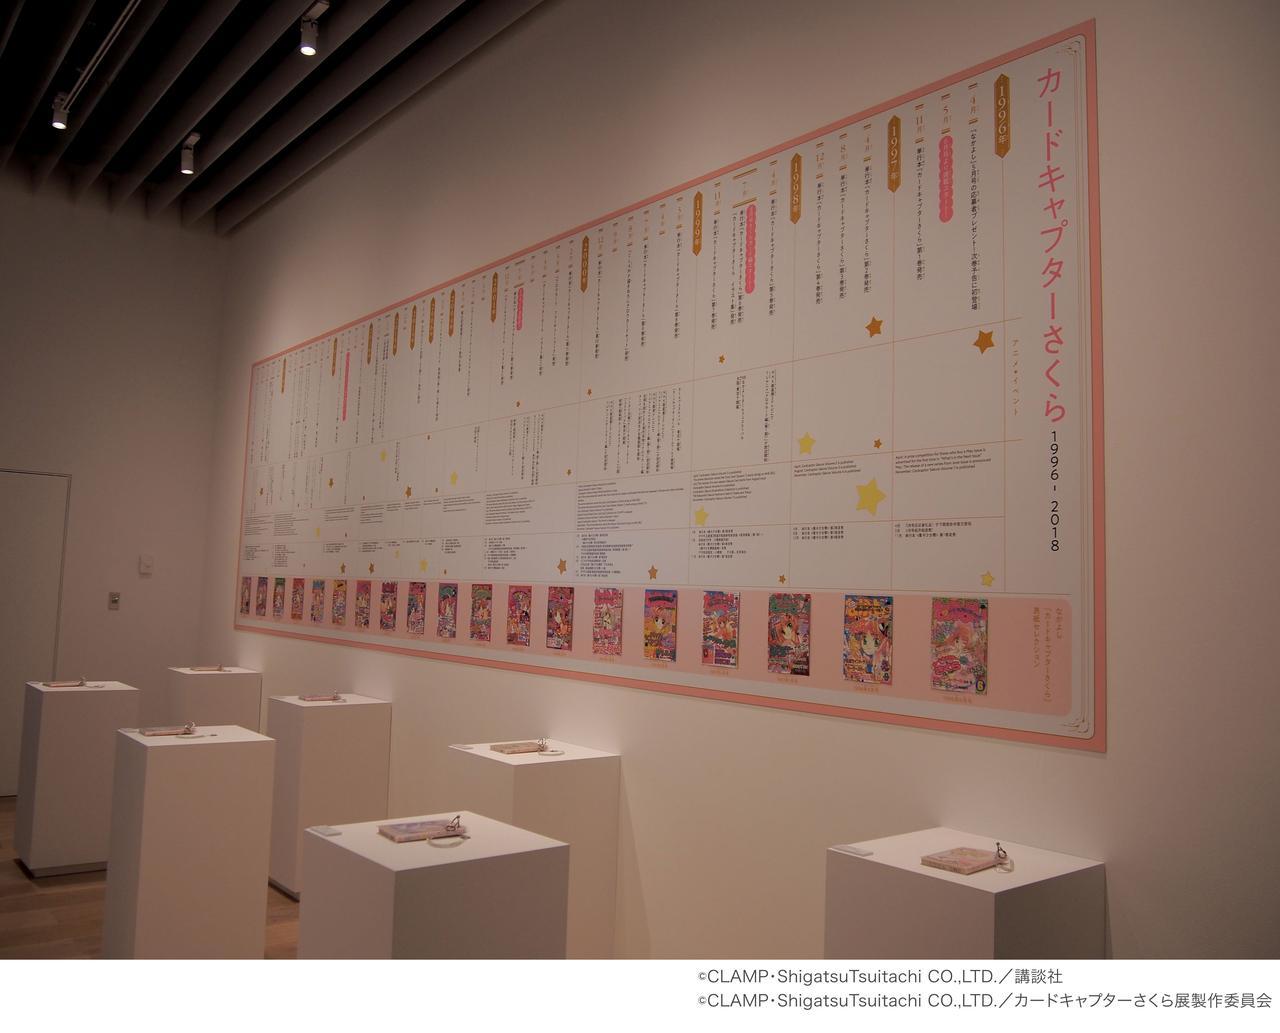 画像9: ©CLAMP・ShigatsuTsuitachi CO.,LTD./講談社 ©CLAMP・ShigatsuTsuitachi CO.,LTD./カードキャプターさくら展製作委員会